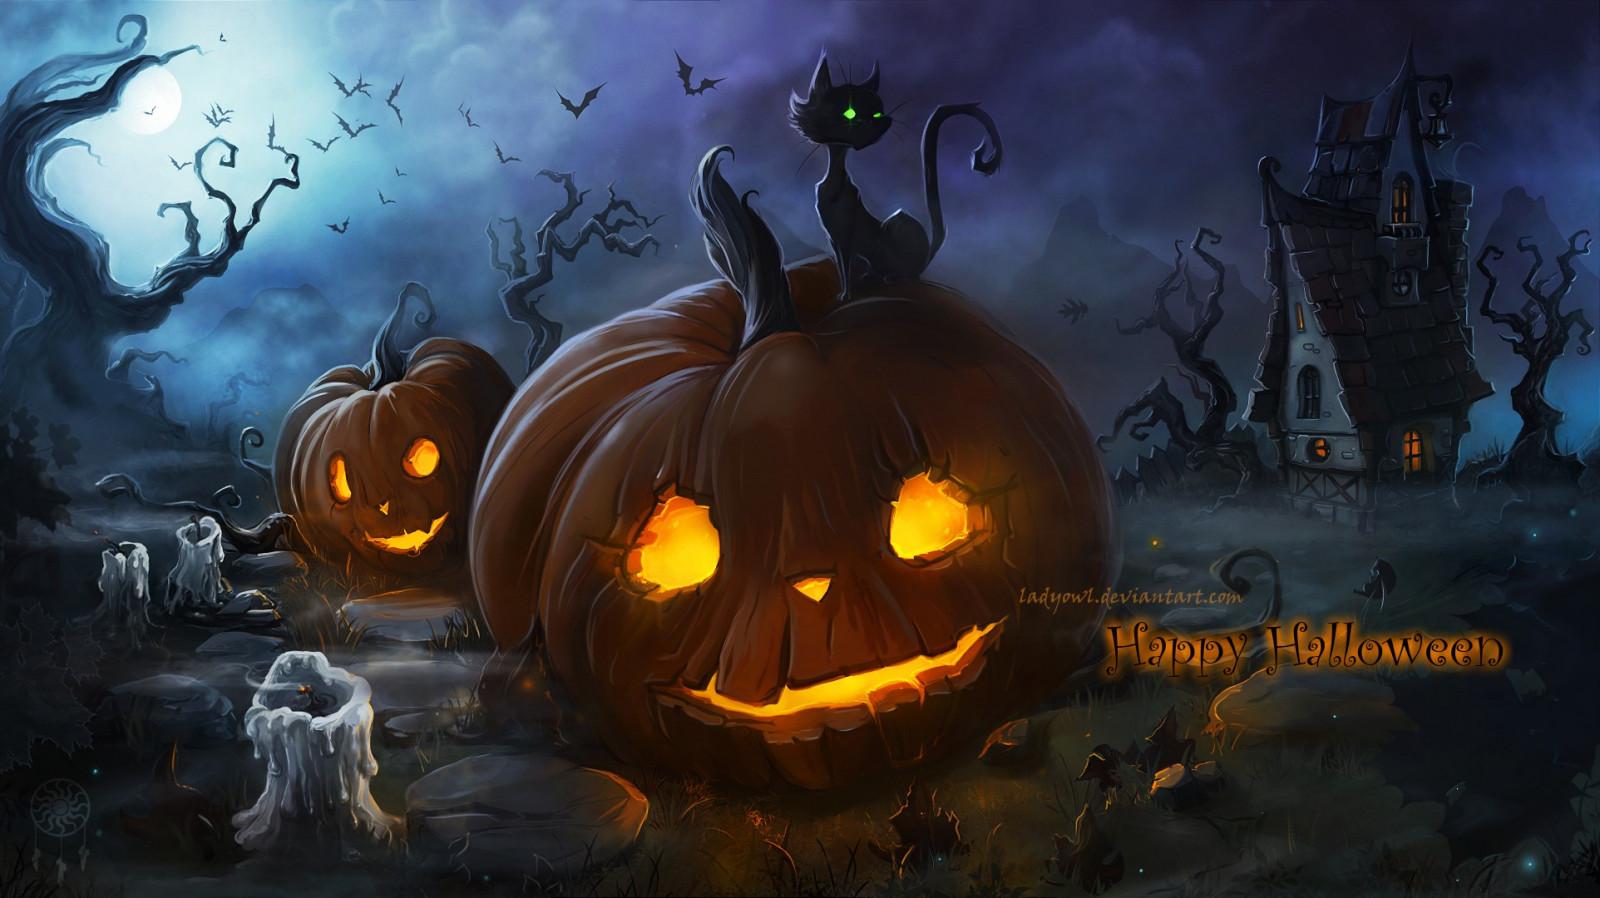 Fall Pumpkin Patch Wallpaper Wallpaper Illustration Cat Fantasy Art Night Spooky